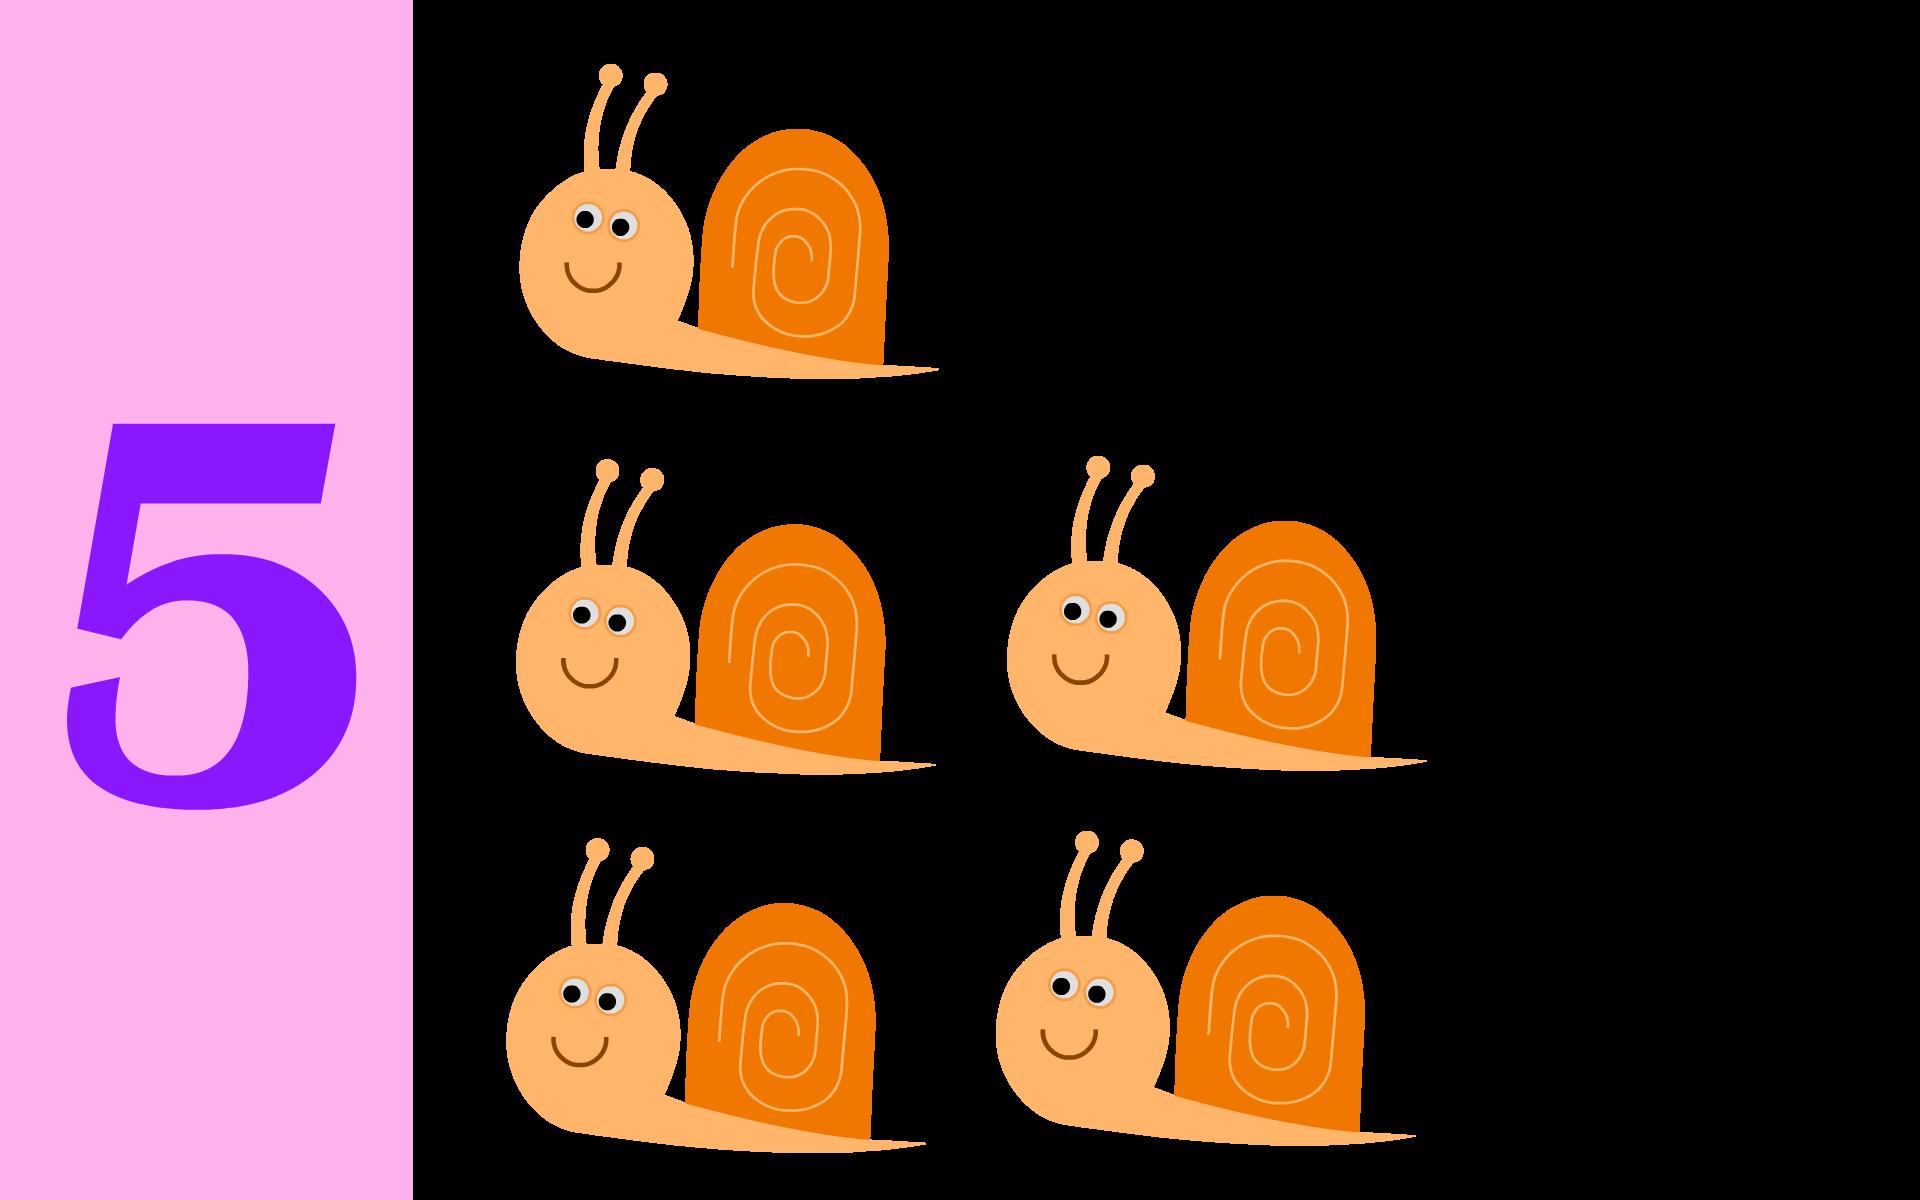 Imprimer livre à compter maternelle 5 escargots Ps ms gs petite ...